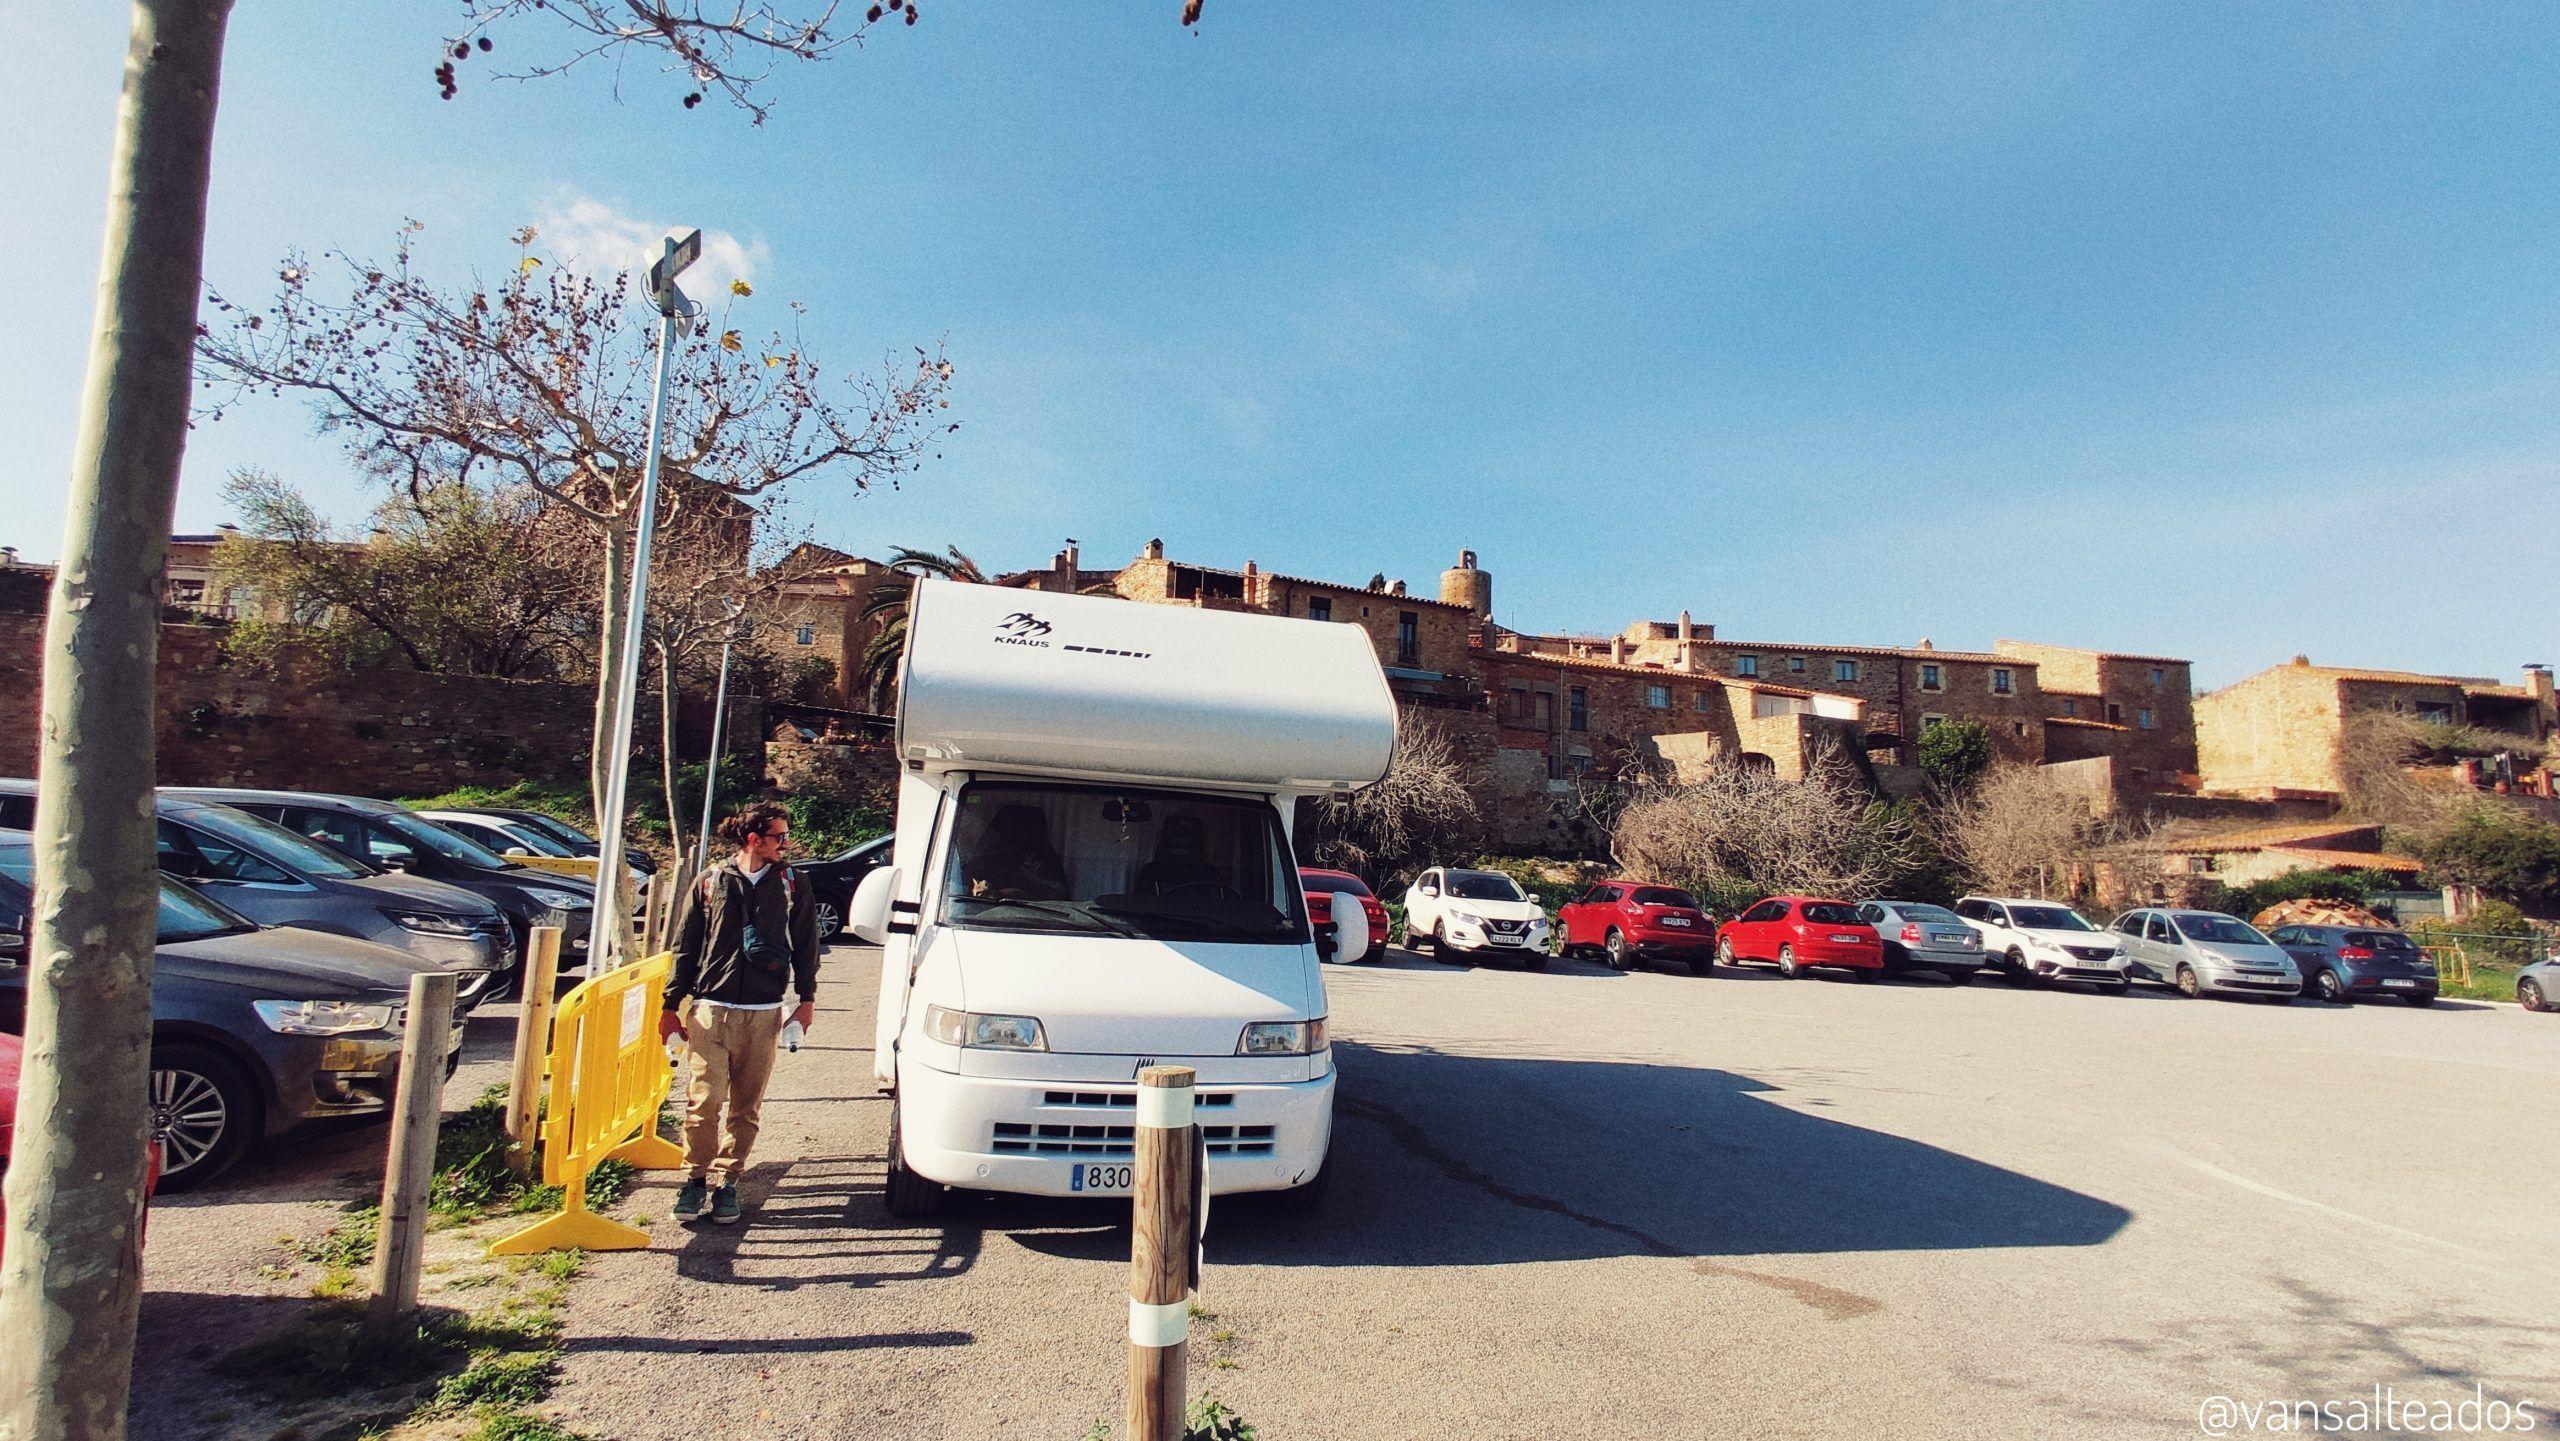 Aparcamiento con coches y nuestra autocaravana en Pals